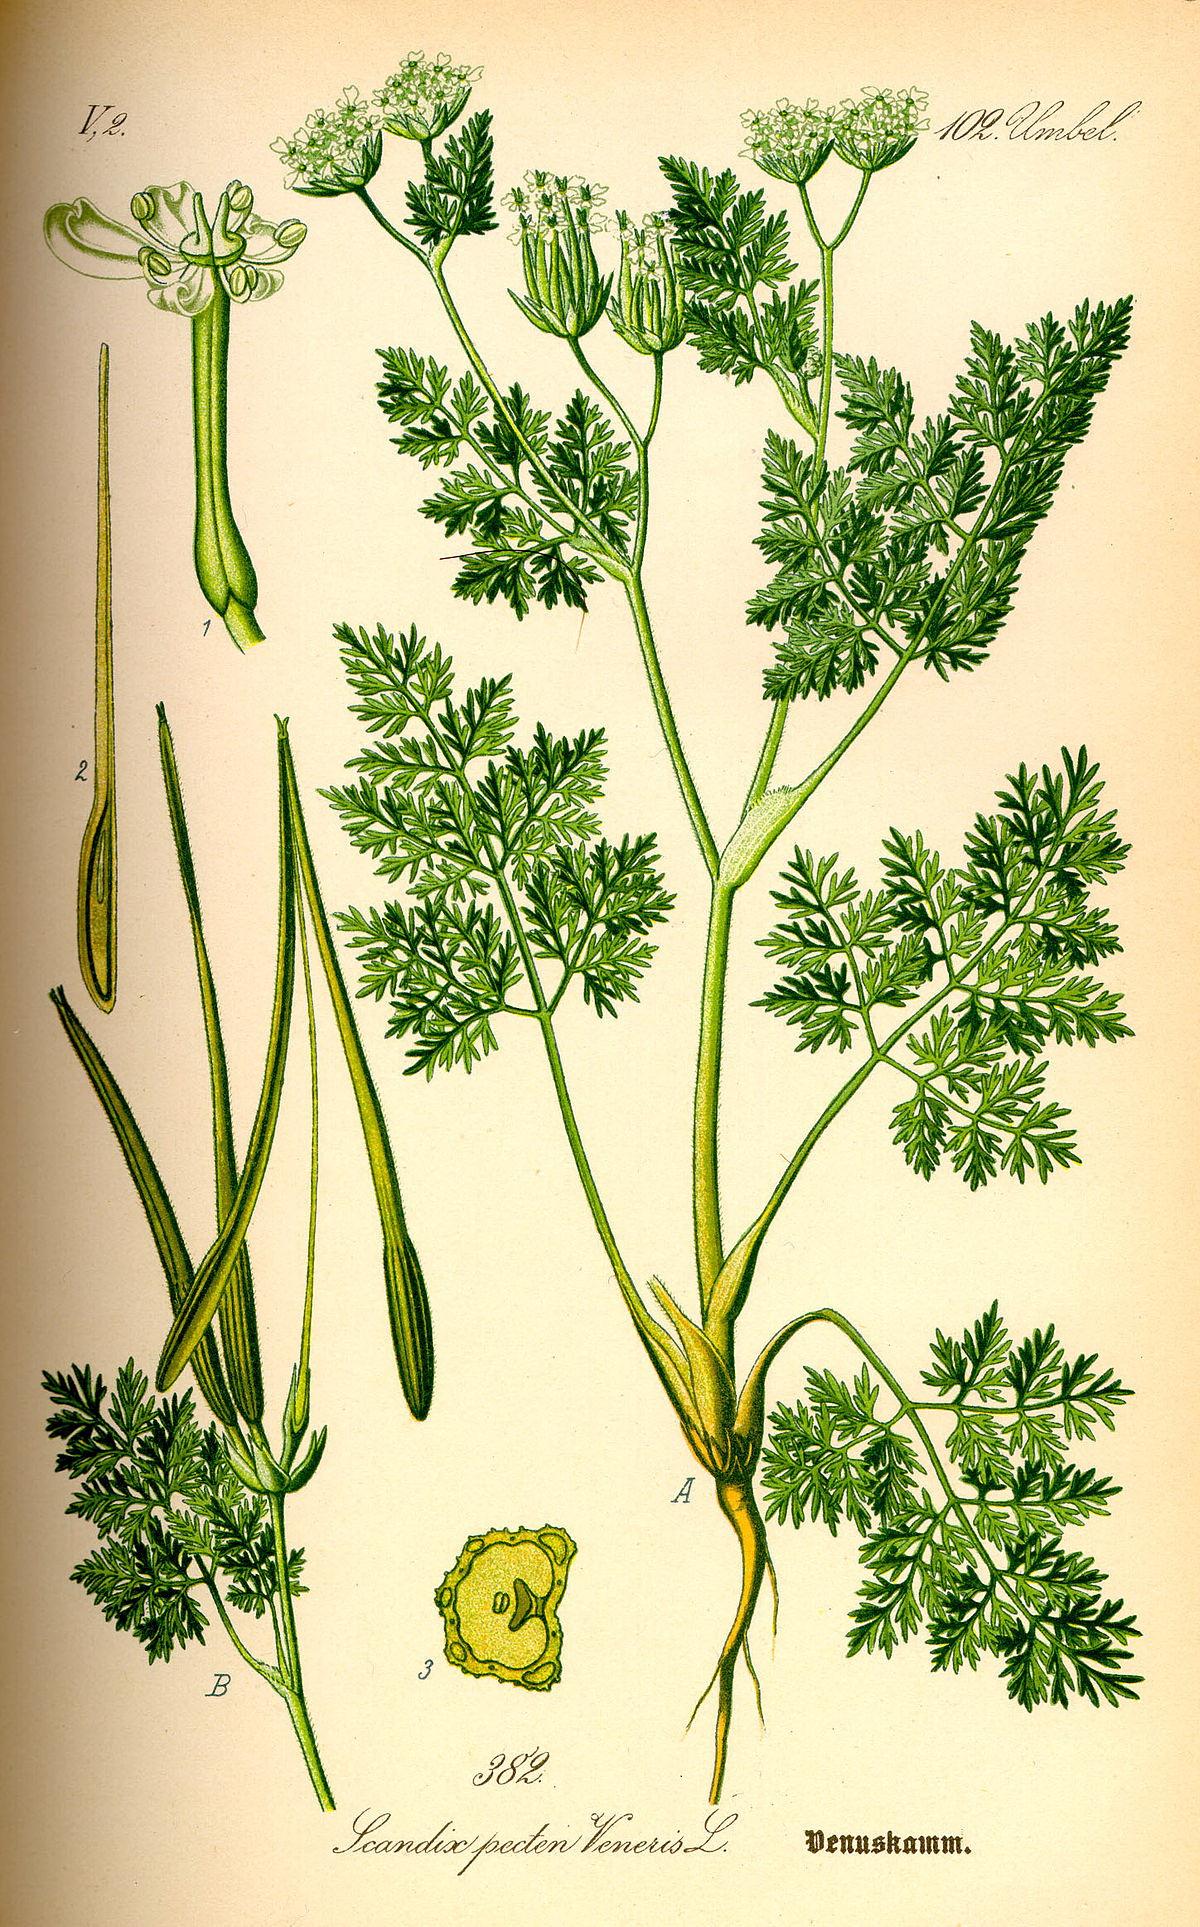 6_Scandix pecten veneris